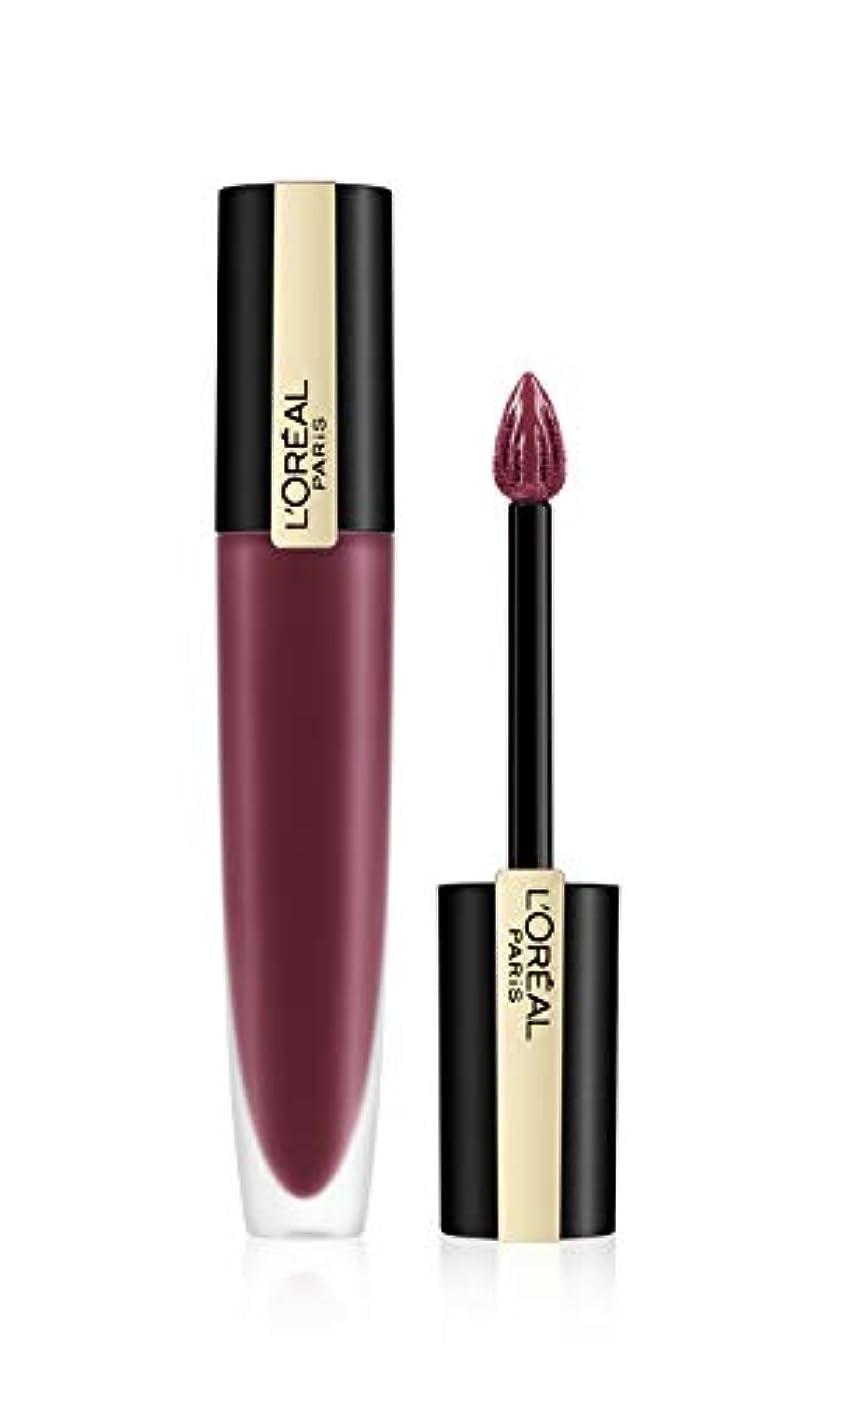 湖切り刻む一貫性のないL'Oreal Paris Rouge Signature Matte Liquid Lipstick,103 I Enjoy, 7g